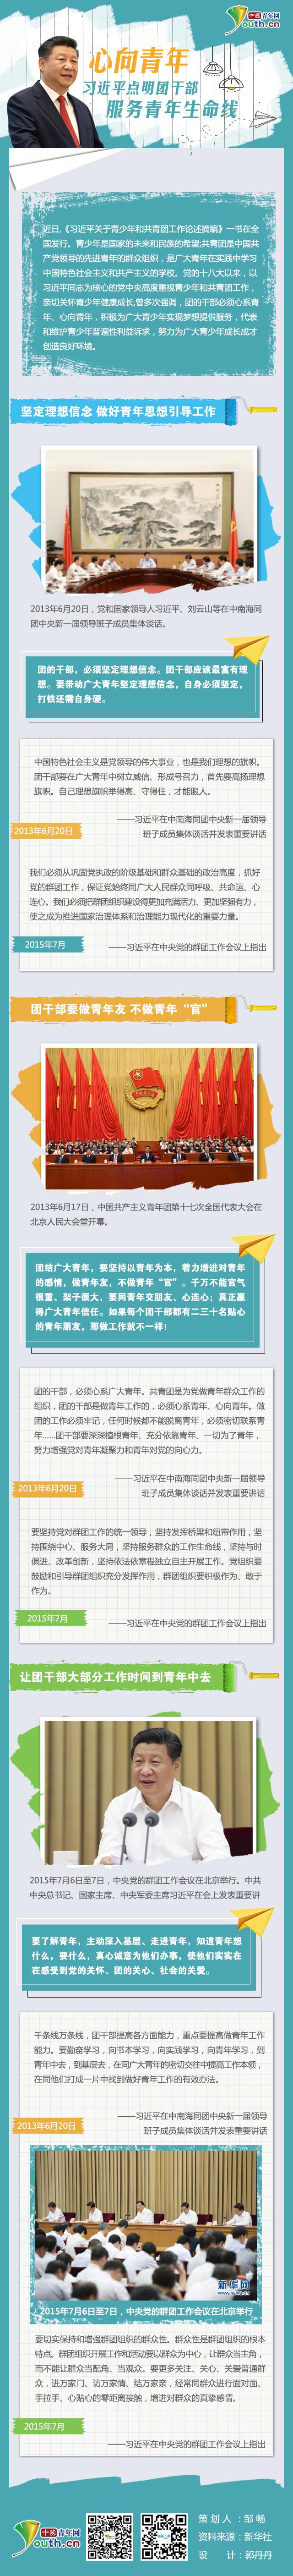 新华社评论员:奋进新时代 开启新征程